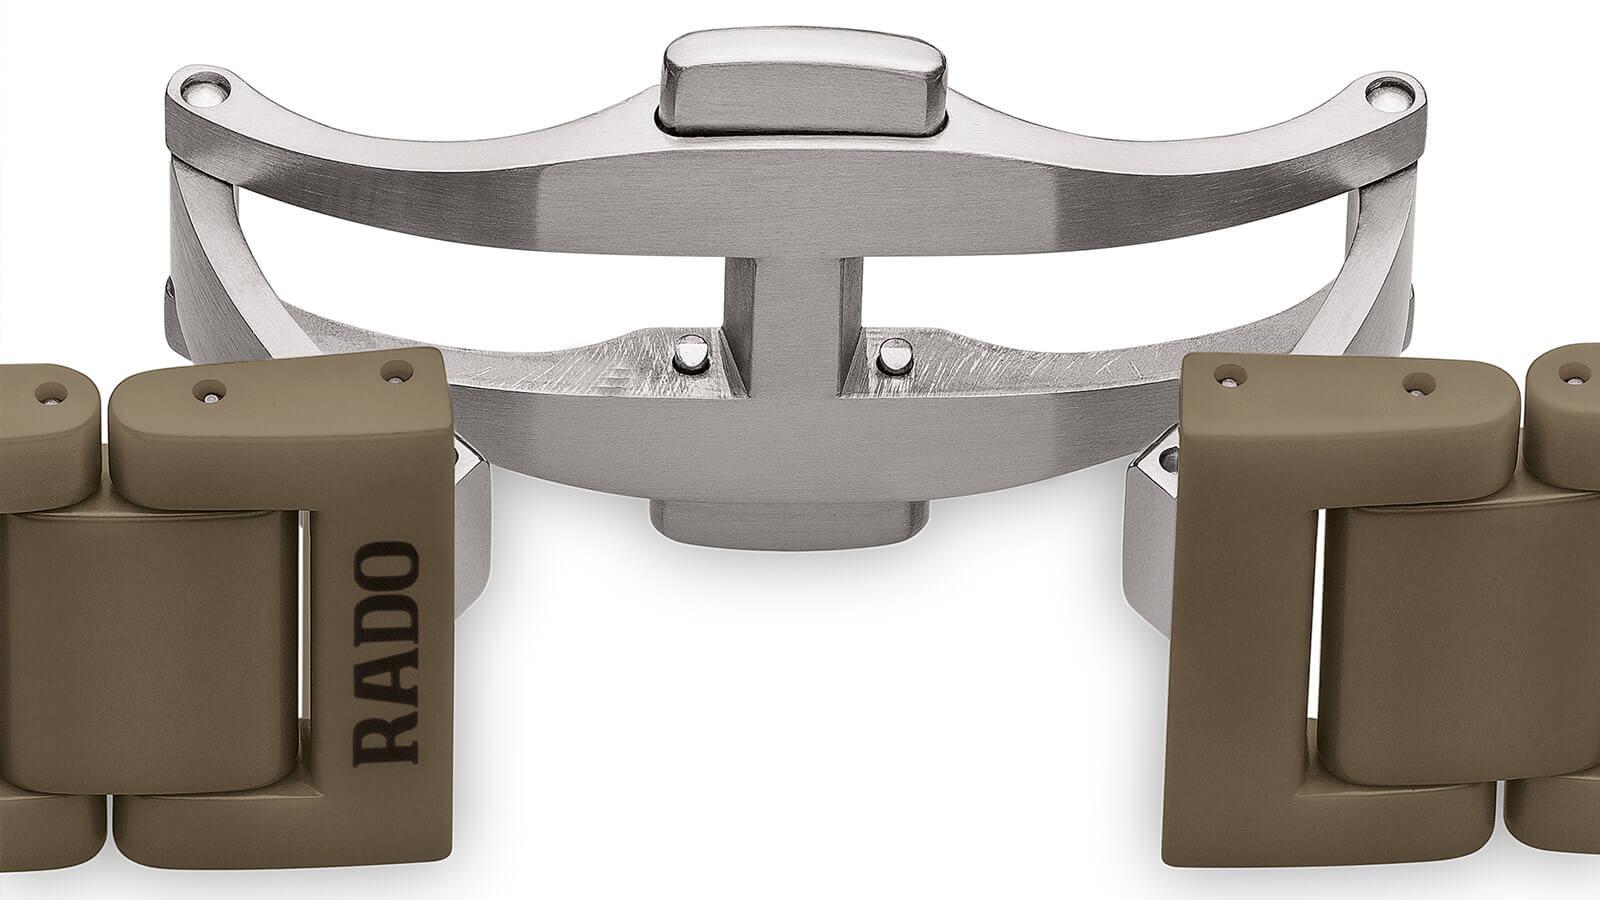 3-fach Titan Flatschließe bei RADO True Thinline Anima in Matt-olivgrünem Hightech-Keramikgehäuse